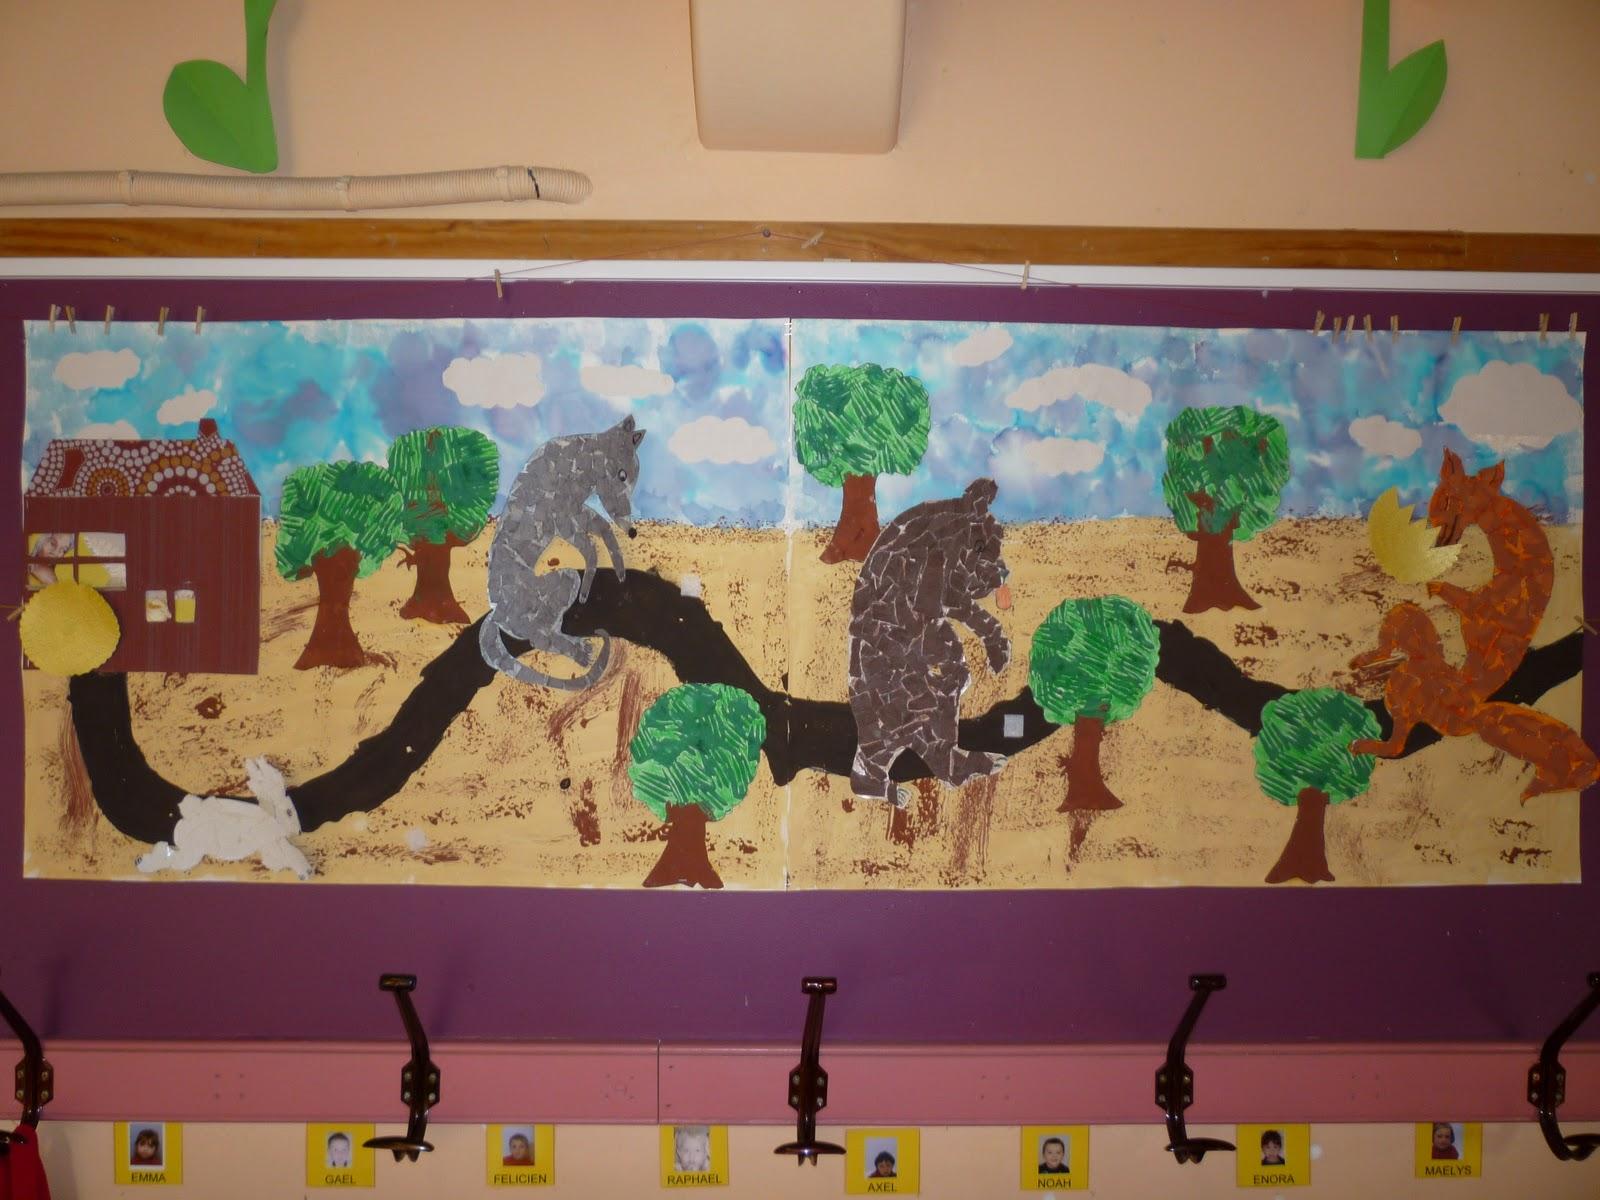 Ecole maternelle vitteaux janvier 2012 - Personnages de roule galette ...